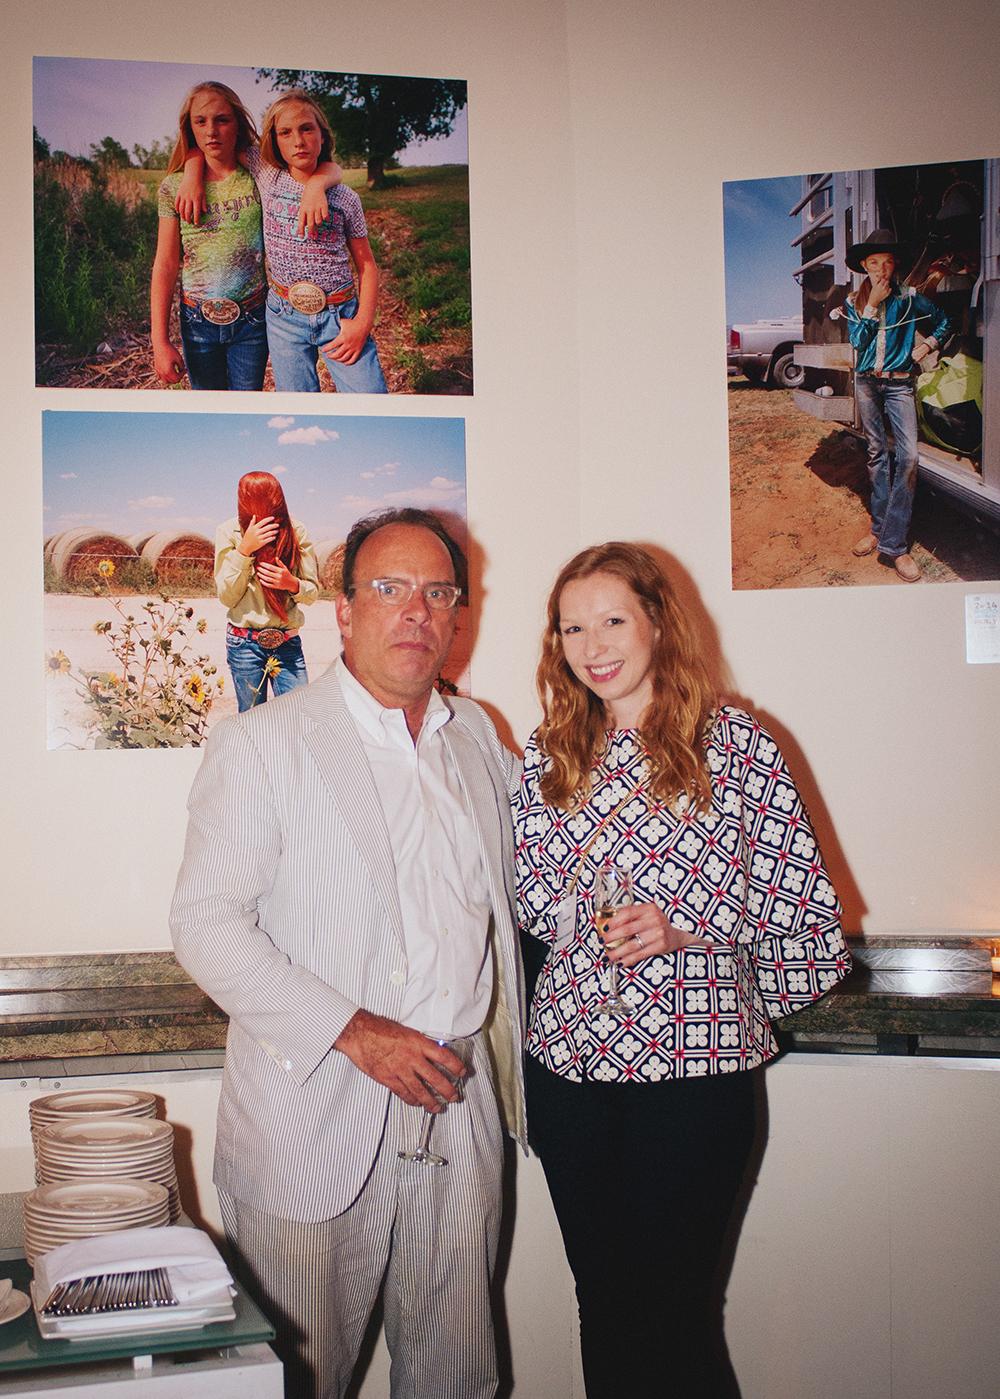 Stephen Fraily & Ilona Szwarc